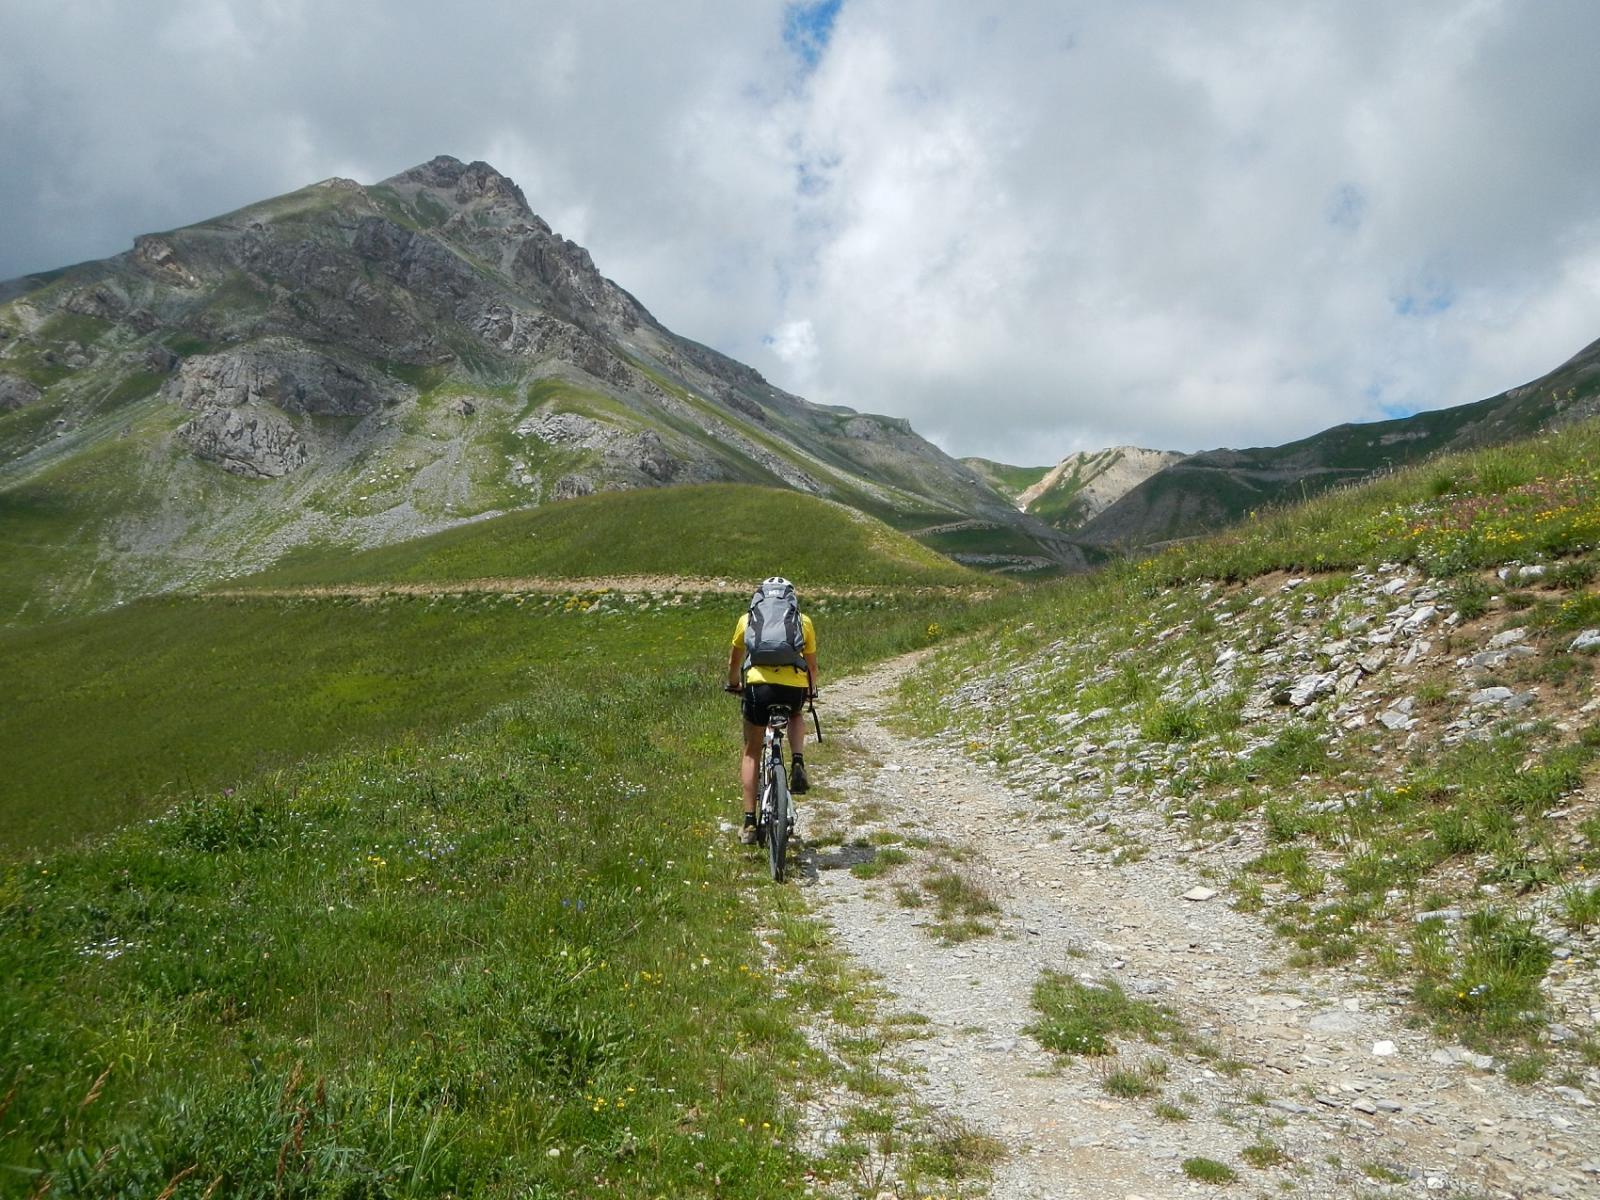 la lunga risalita in direzione del colle Salsas Blancias 2447 m.